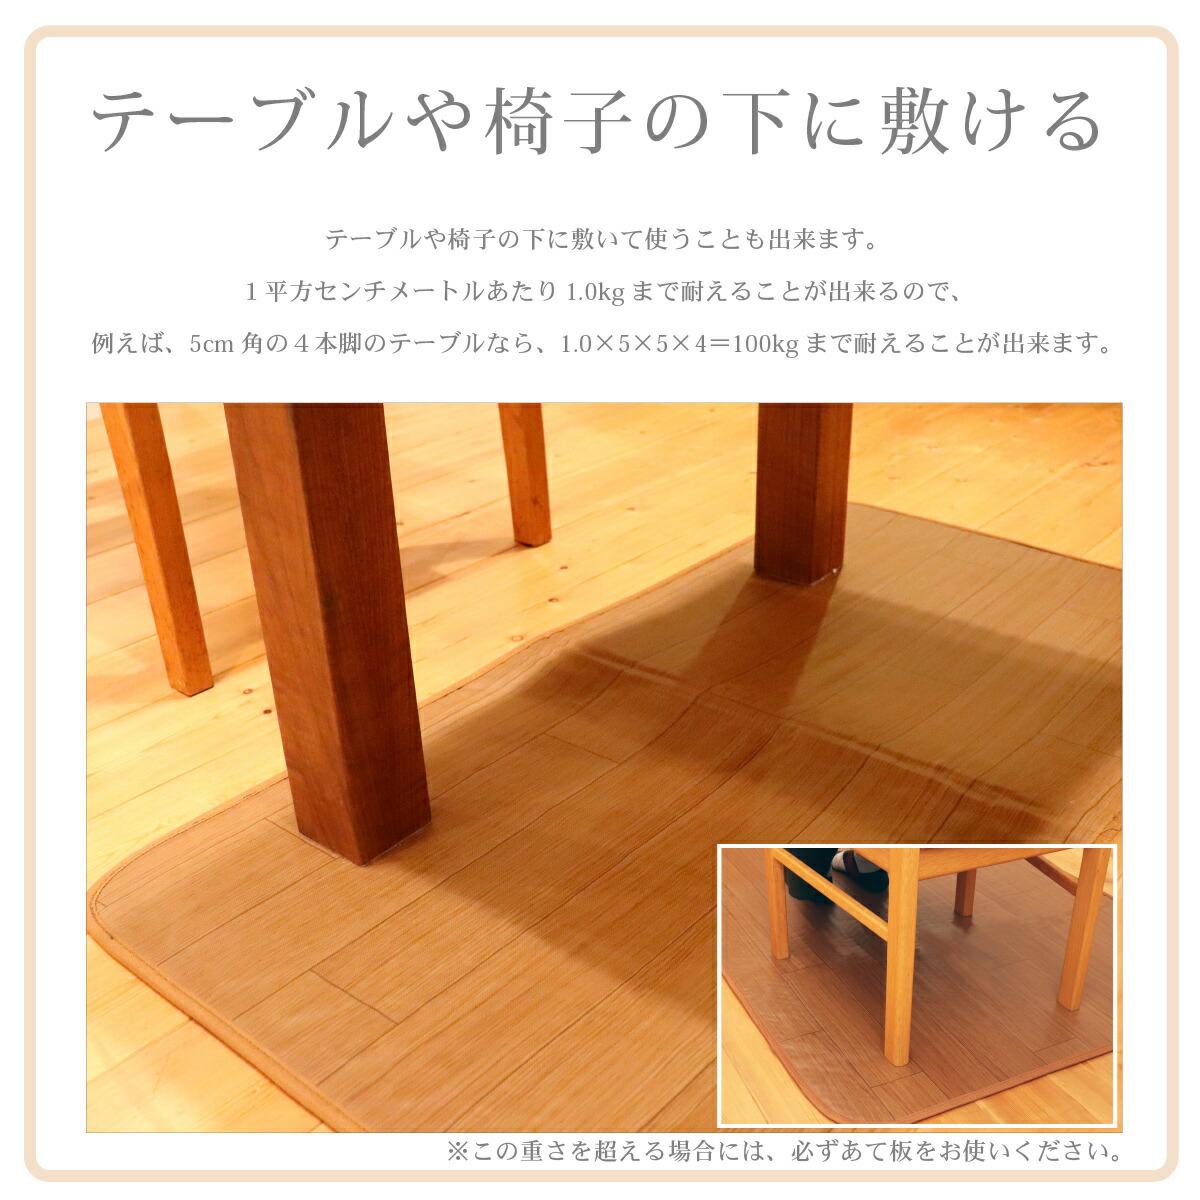 テーブルやいすの下に敷ける